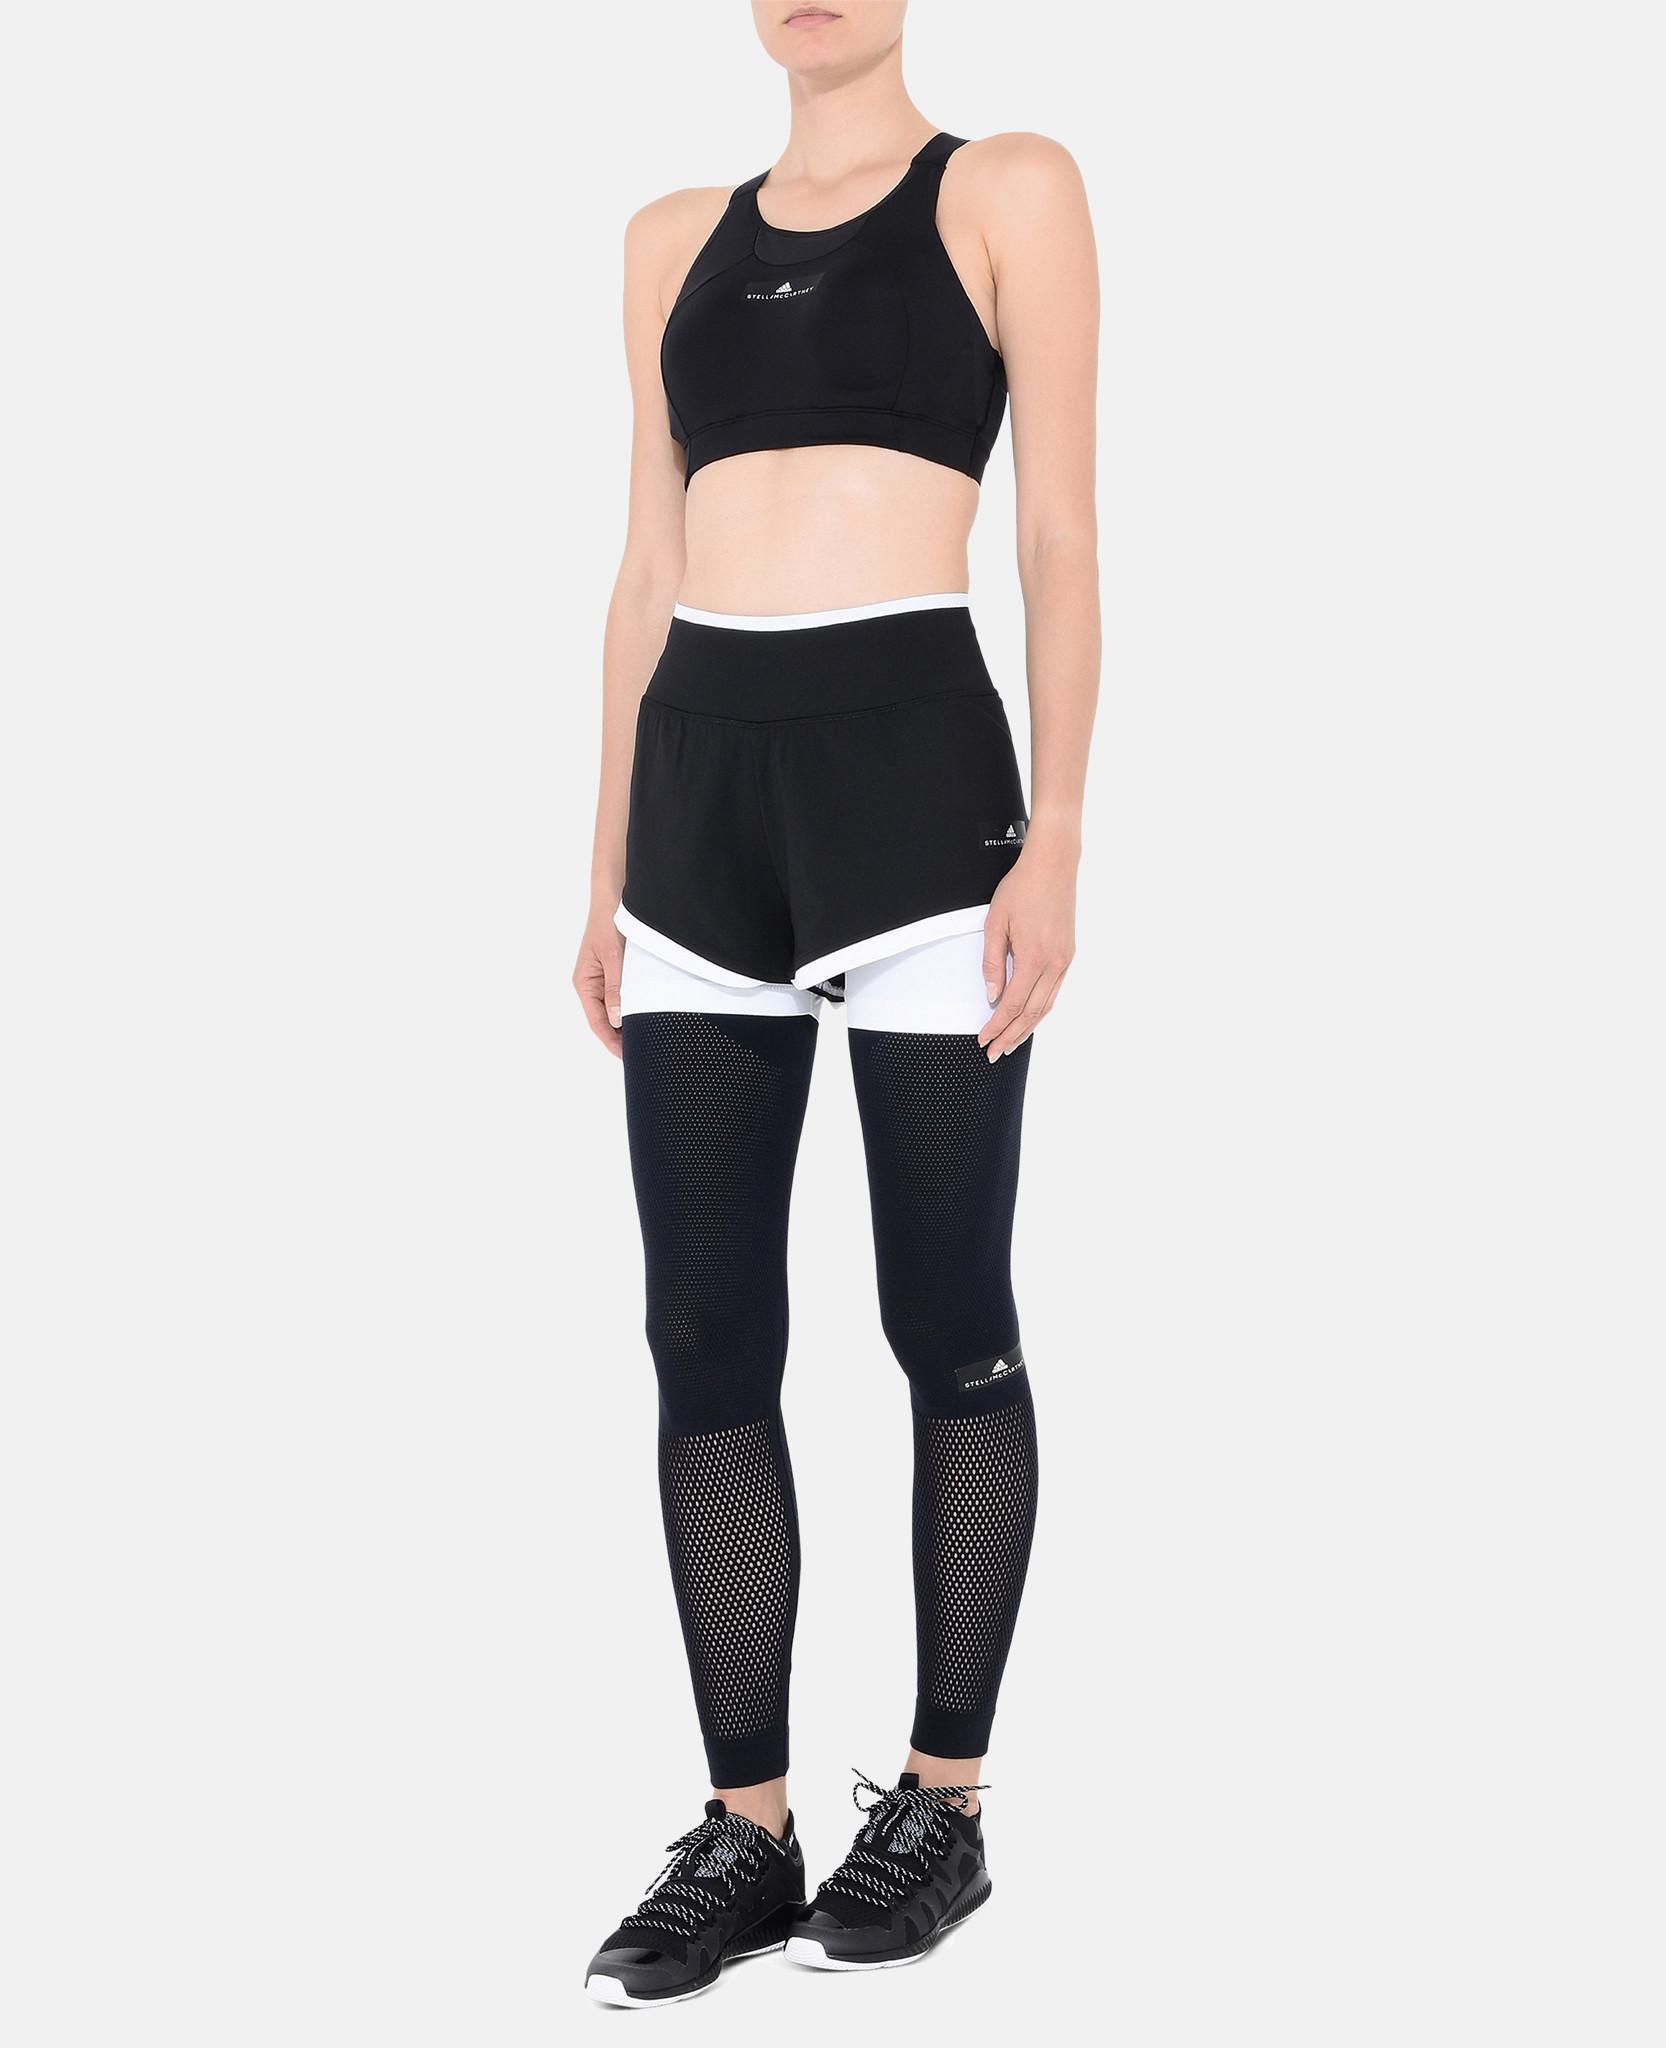 dc57df4f0cd52 Lyst - adidas By Stella McCartney Black Cmmttd Sports Bra in Black